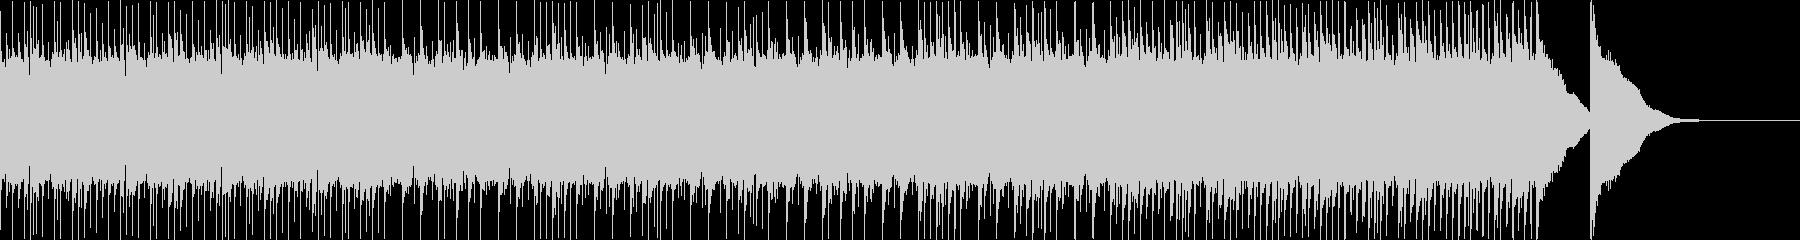 三味線+和太鼓 勢いあるシブい和風曲5Aの未再生の波形